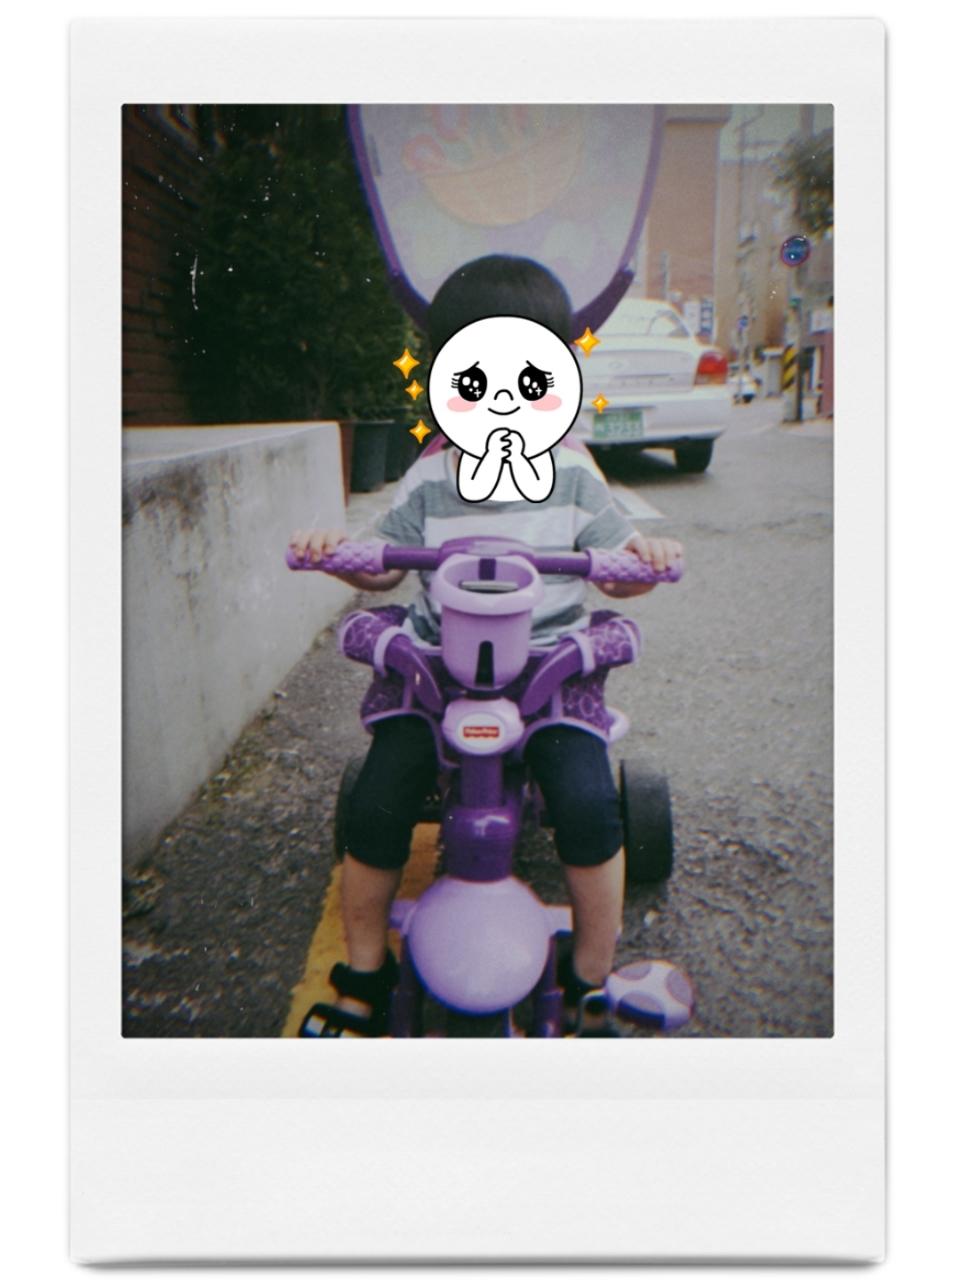 유아 자전거 팝니다~